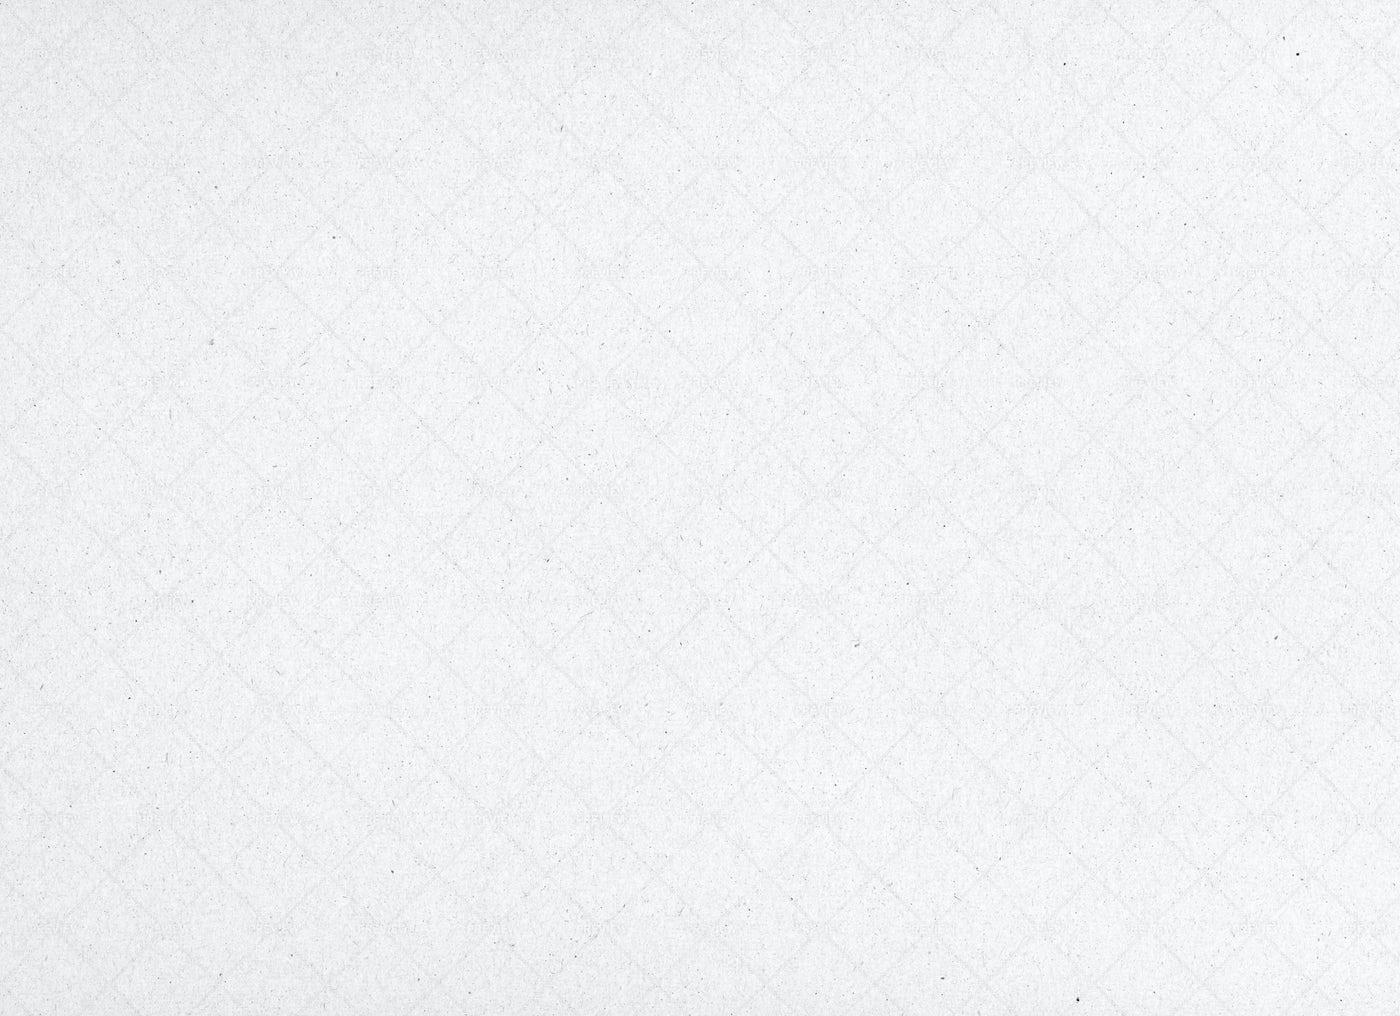 Grey Paper Texture: Stock Photos